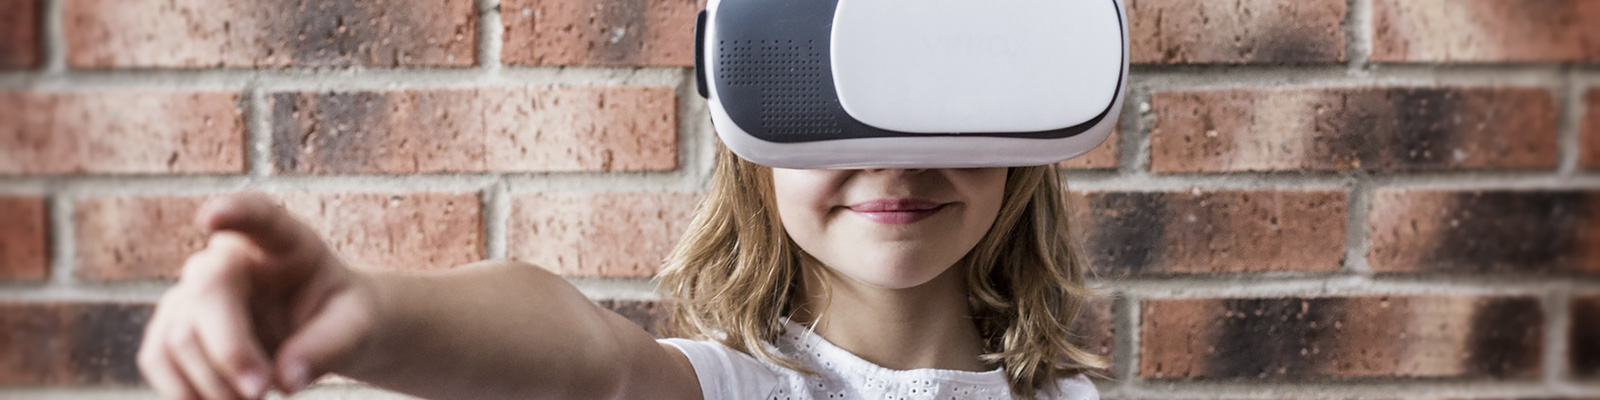 子供 VR イメージ